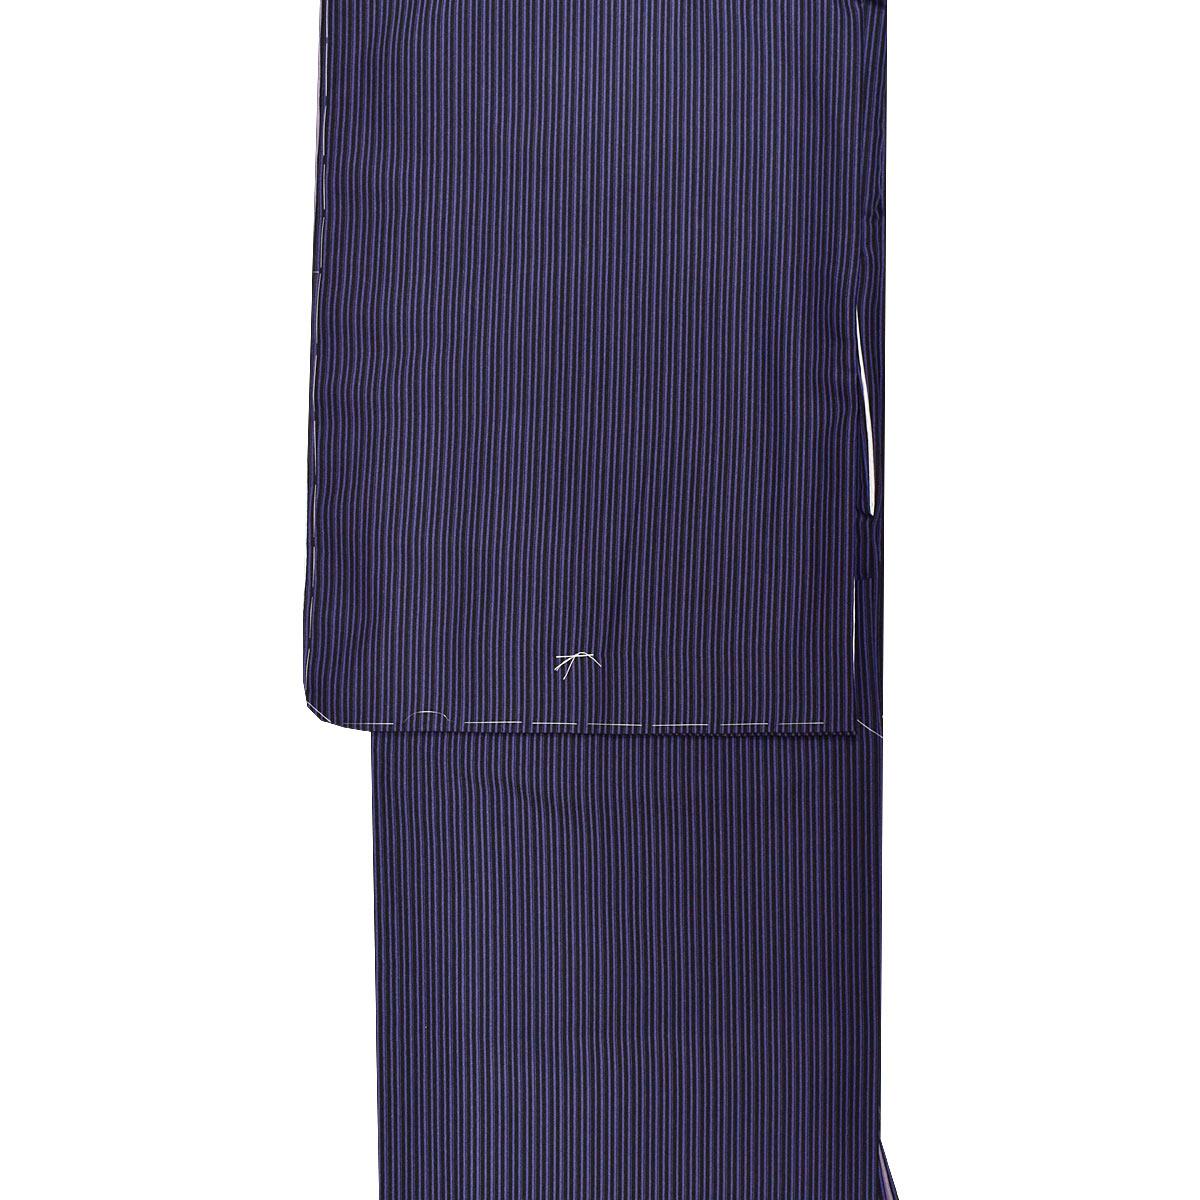 【万筋】洗える 袷 江戸小紋 単品【M寸】洗える着物 普段着 小紋 紫番号c1105-6e